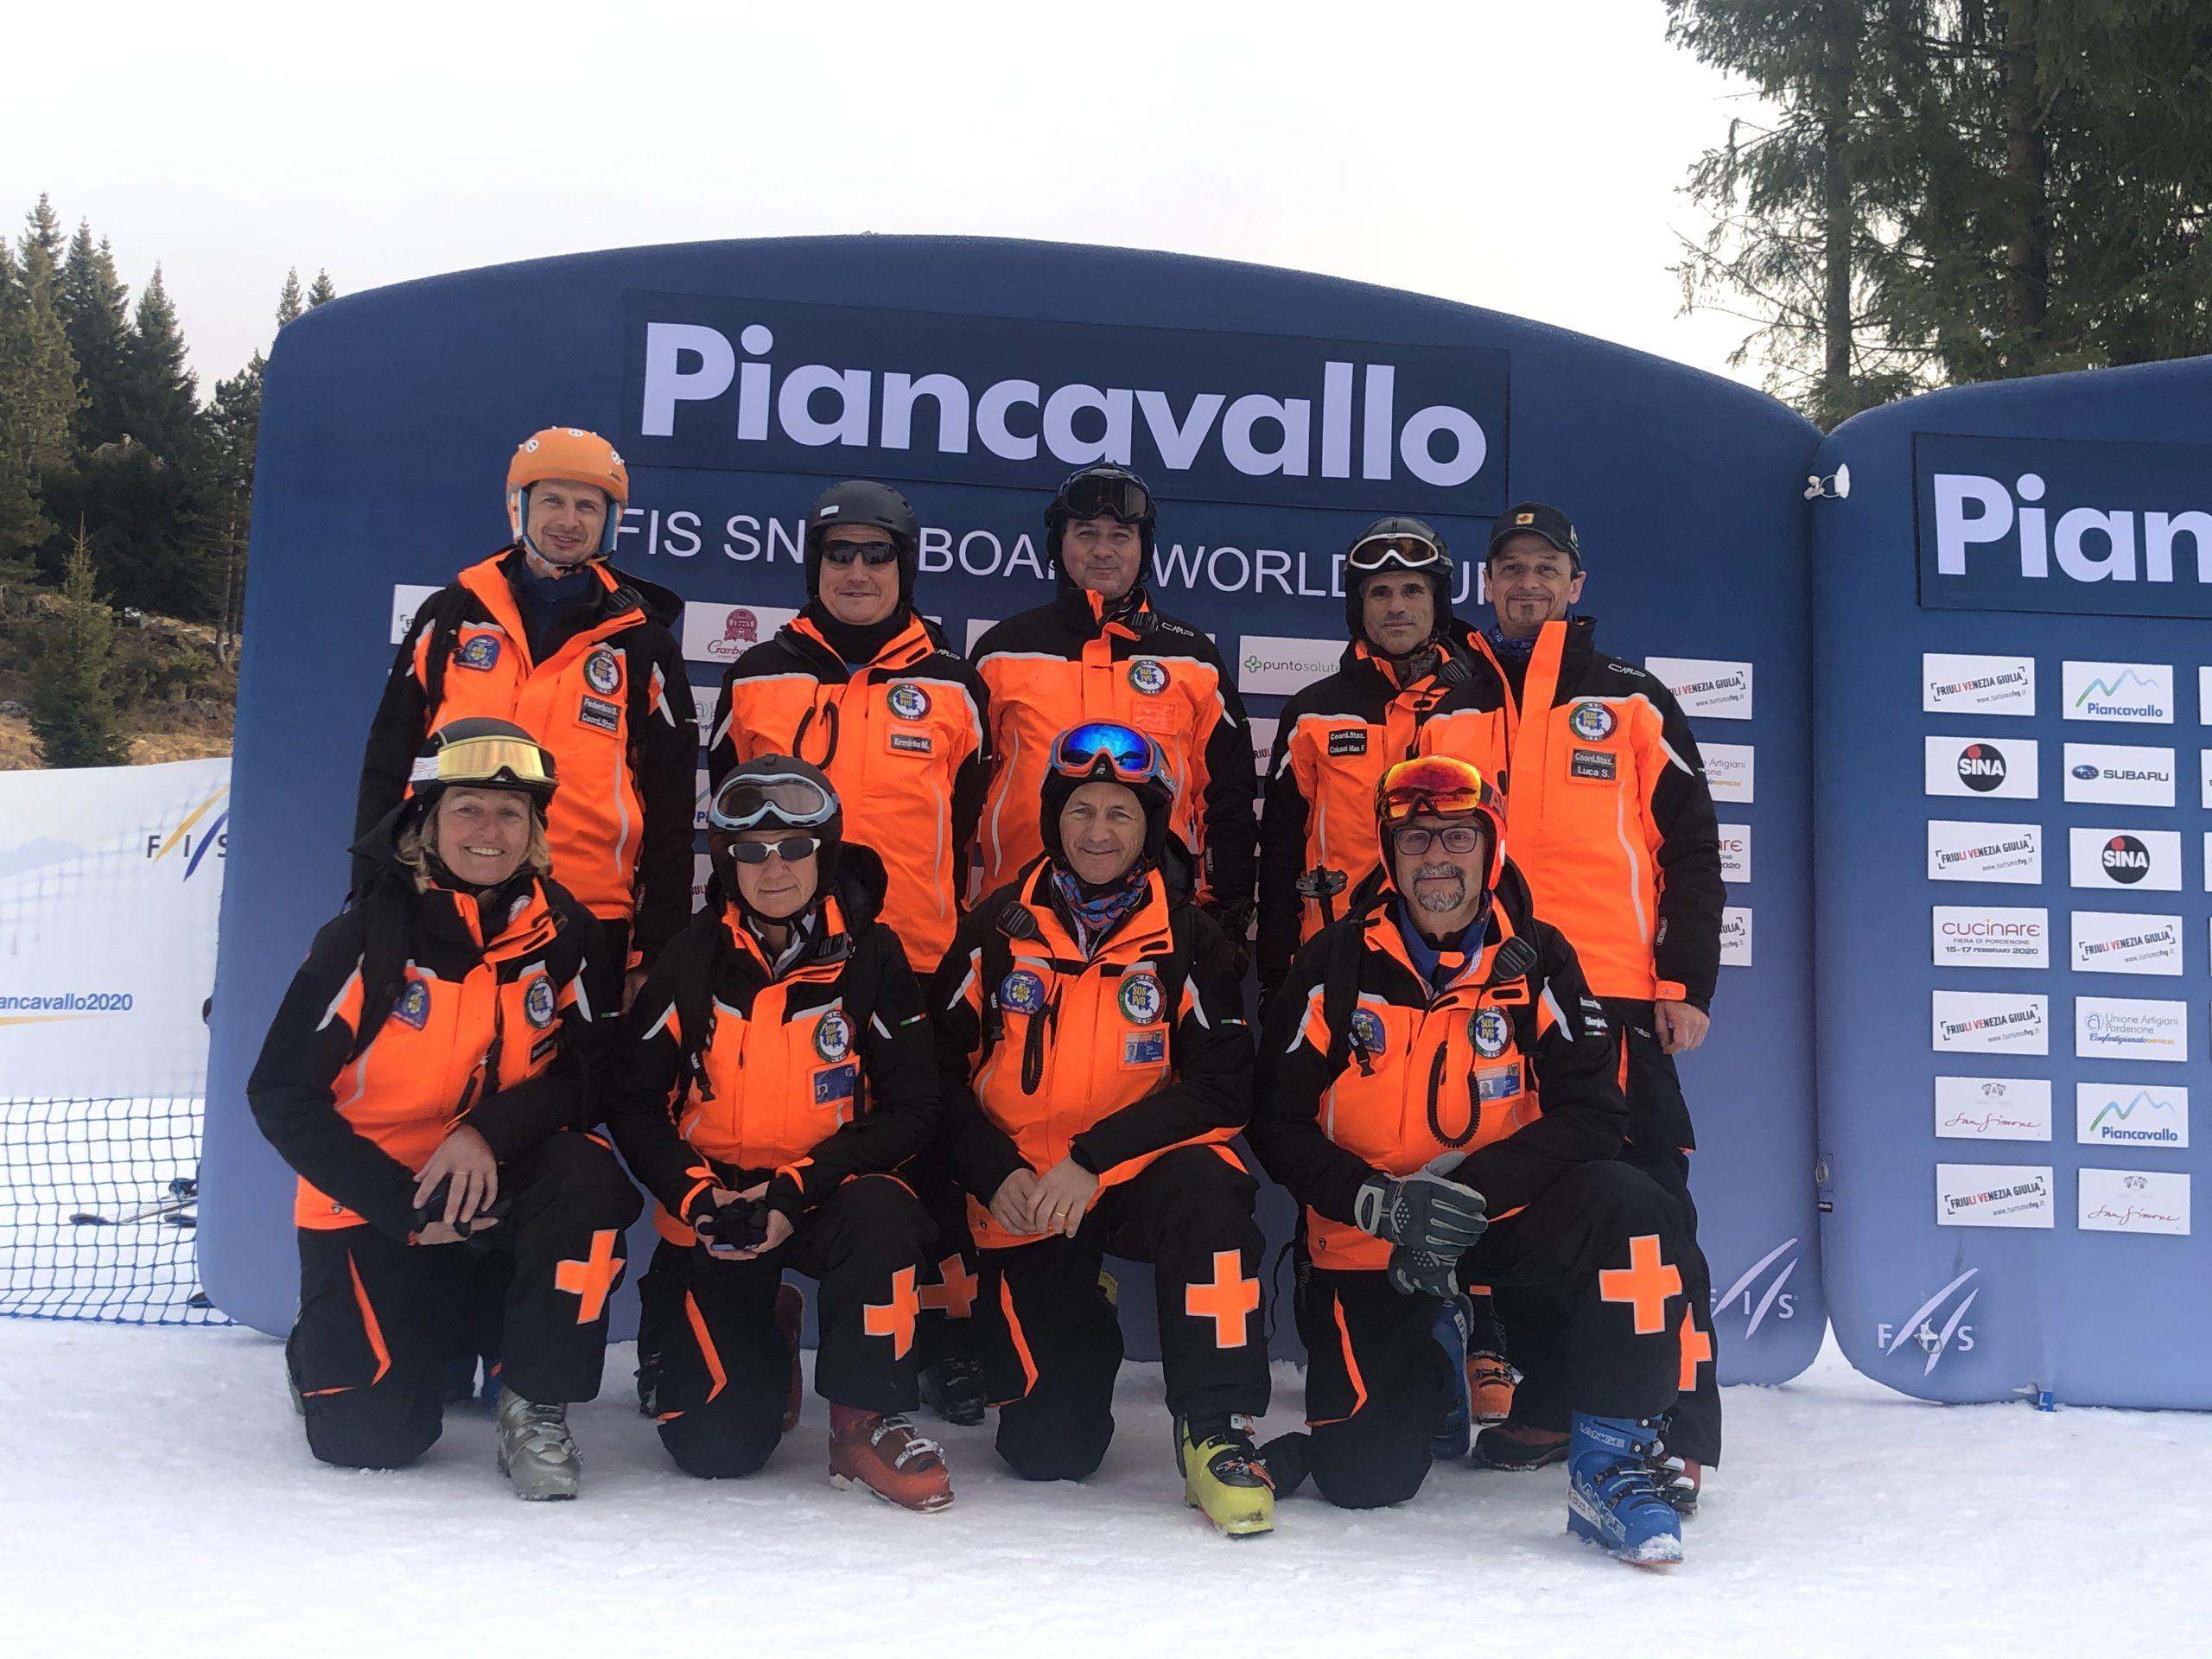 Coppa del Mondo Snowboard 2020